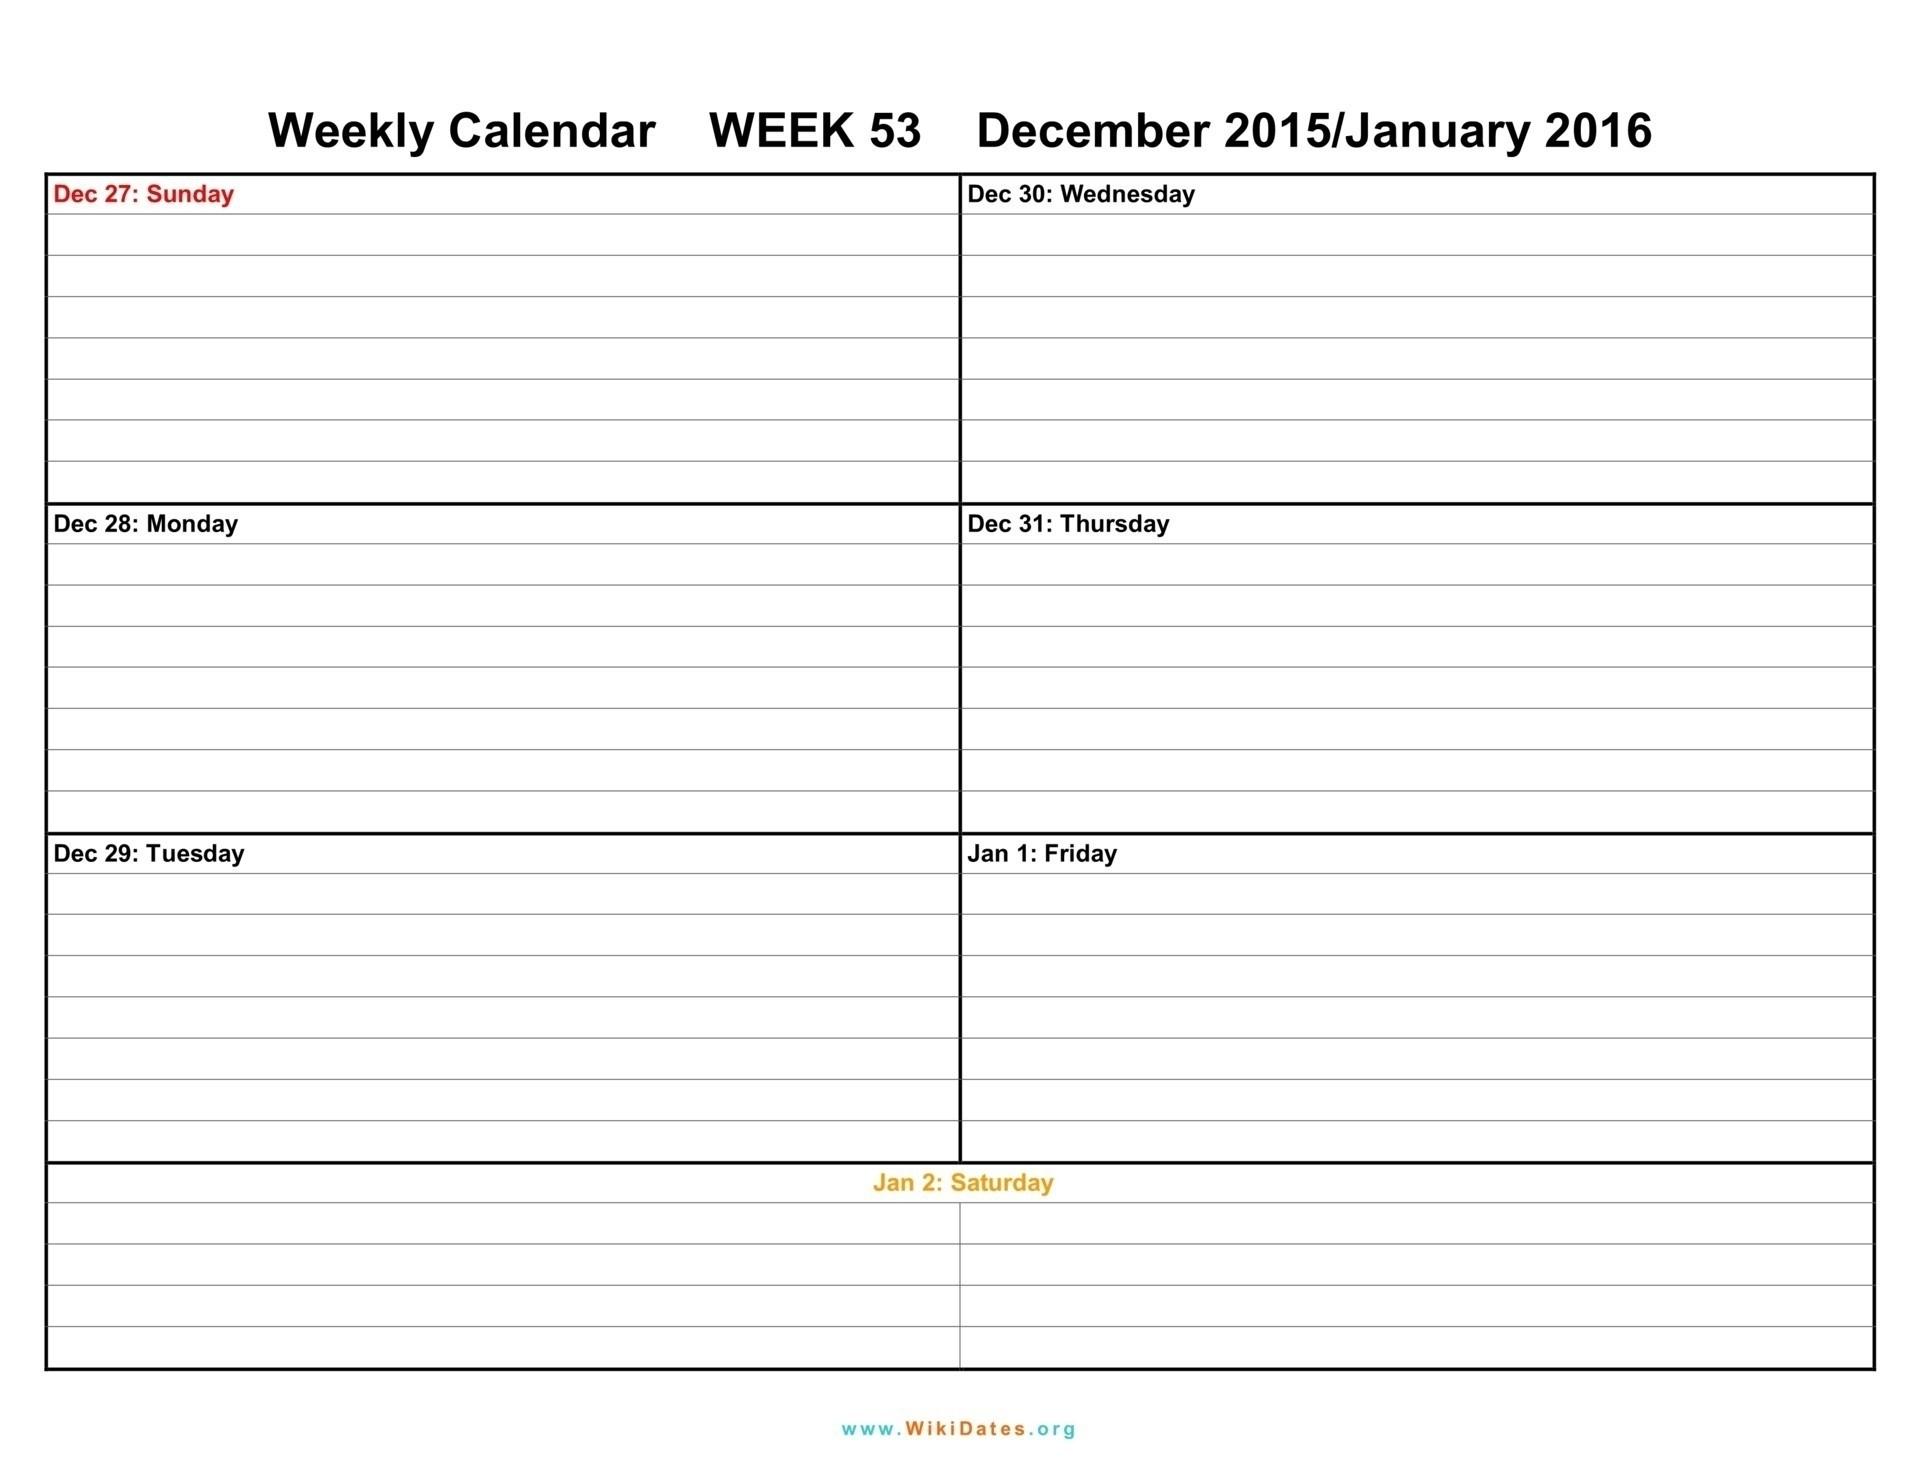 Blank Weekly Calendar Template Week Schedule Pdf Social With   Smorad pertaining to Printable Week By Week Schedule